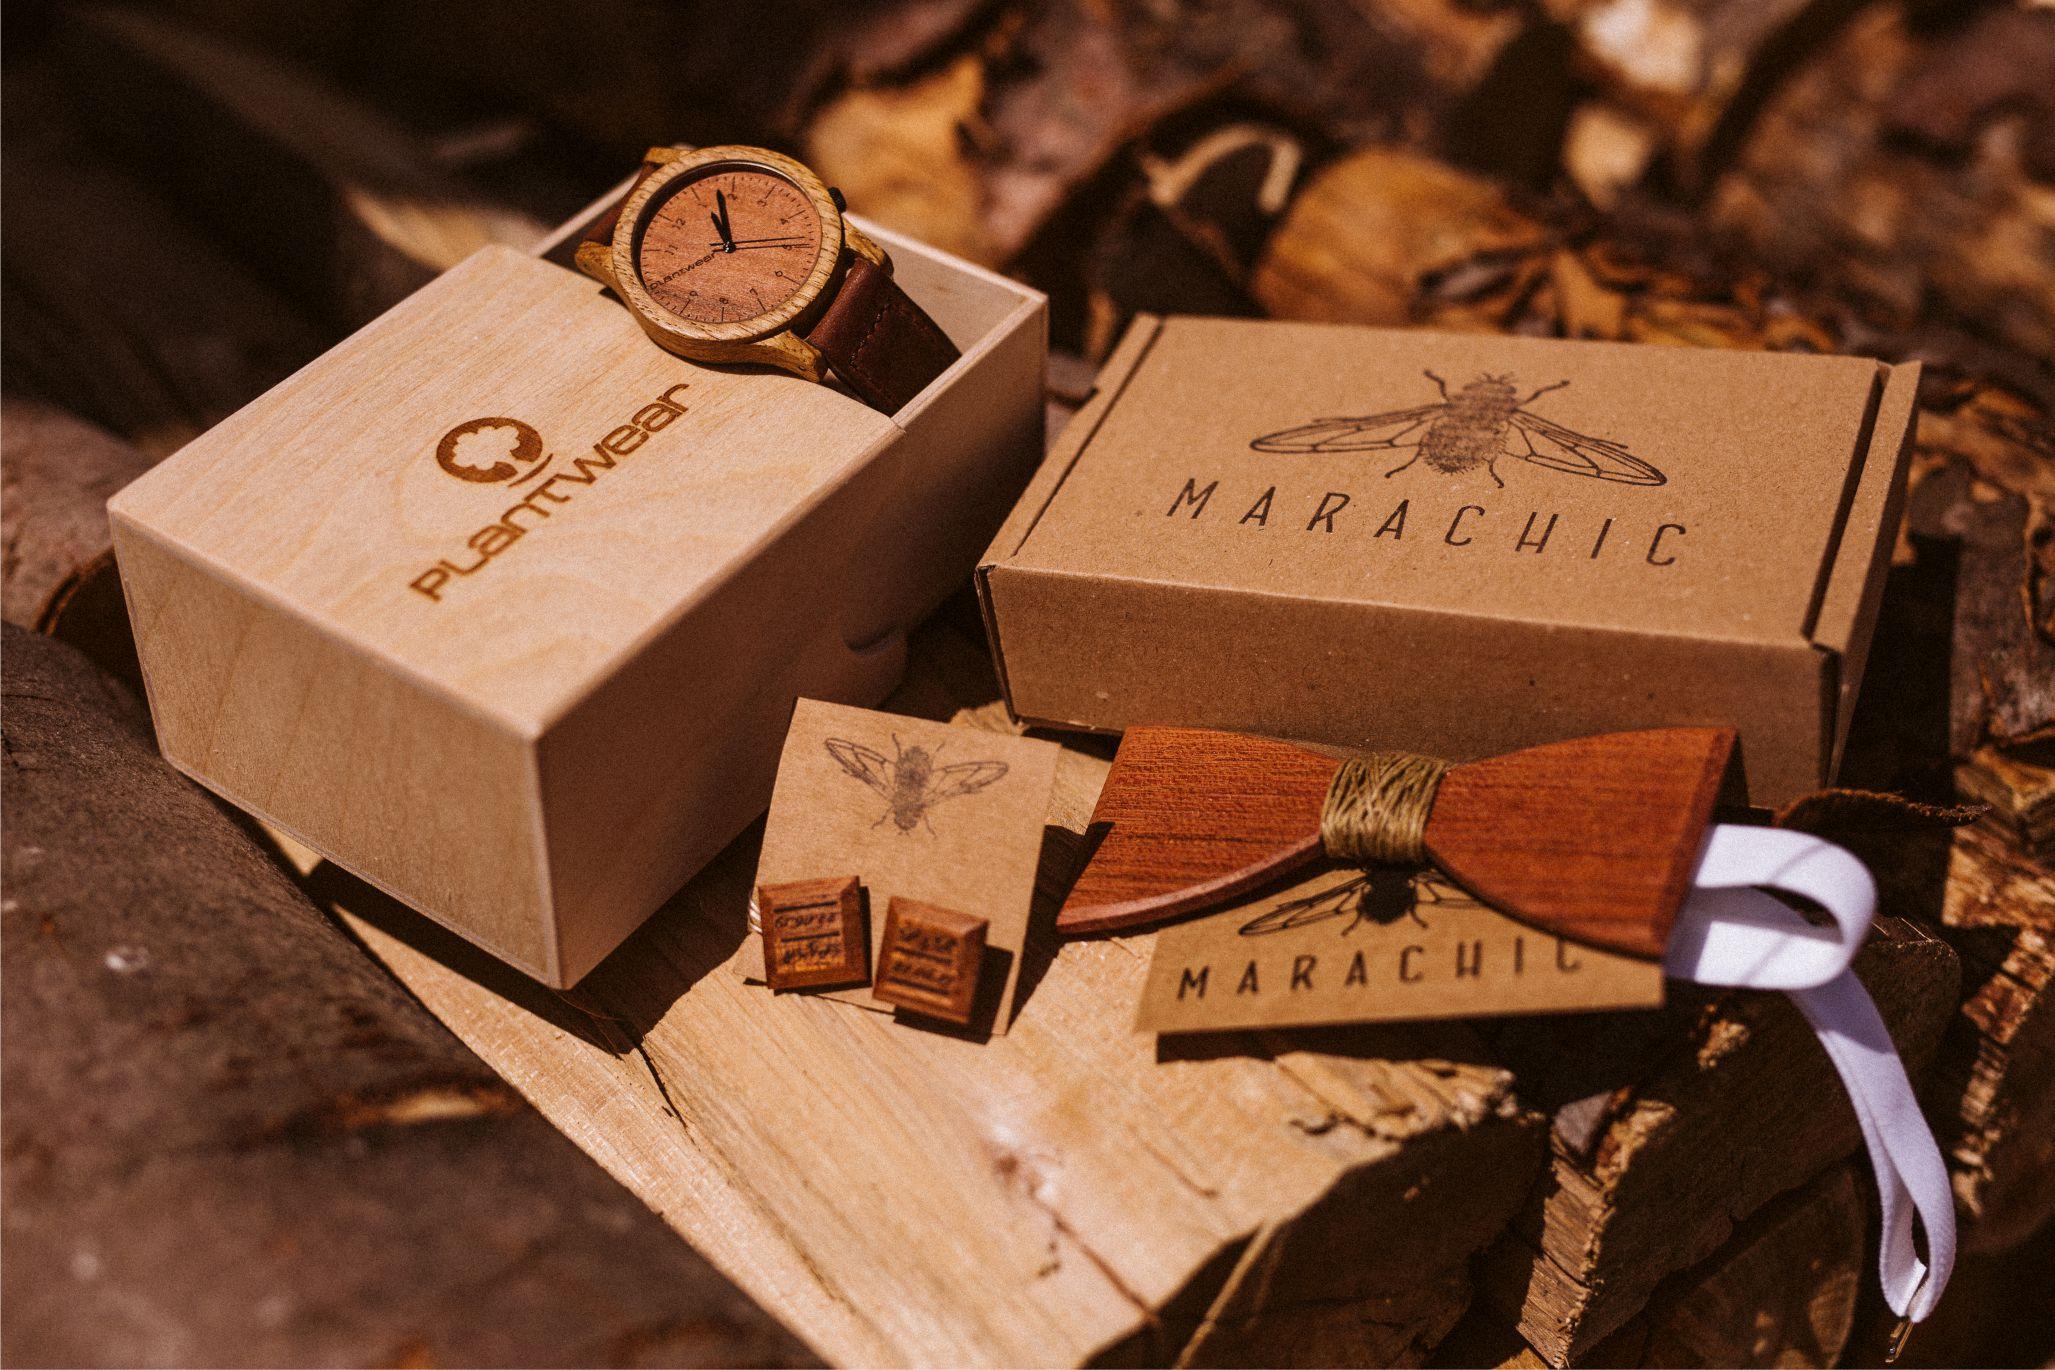 Drewniana muszka, spinki do mankietów i zegarek Plantwear